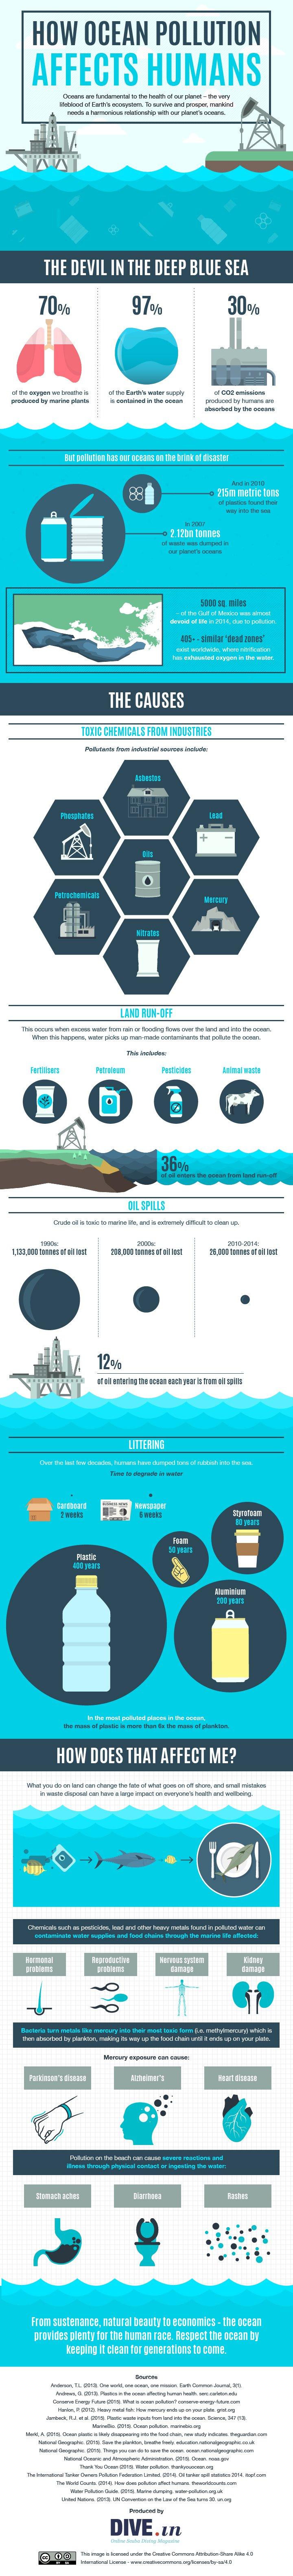 DiveIn infographic